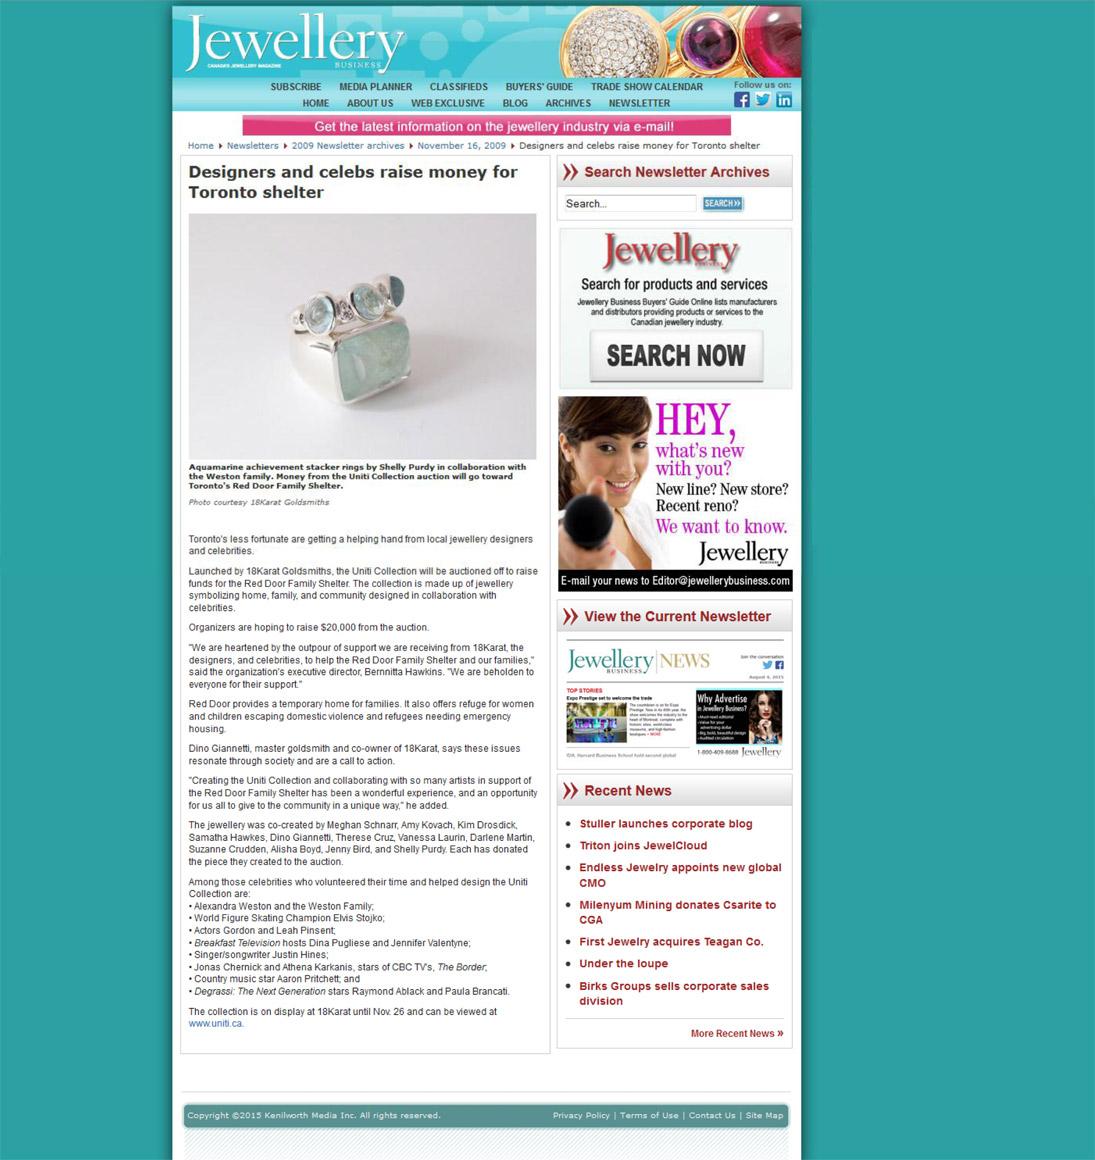 JEWELLERY BUSINESS MAGAZINE - Nov.2009 - Red Door Charity work.